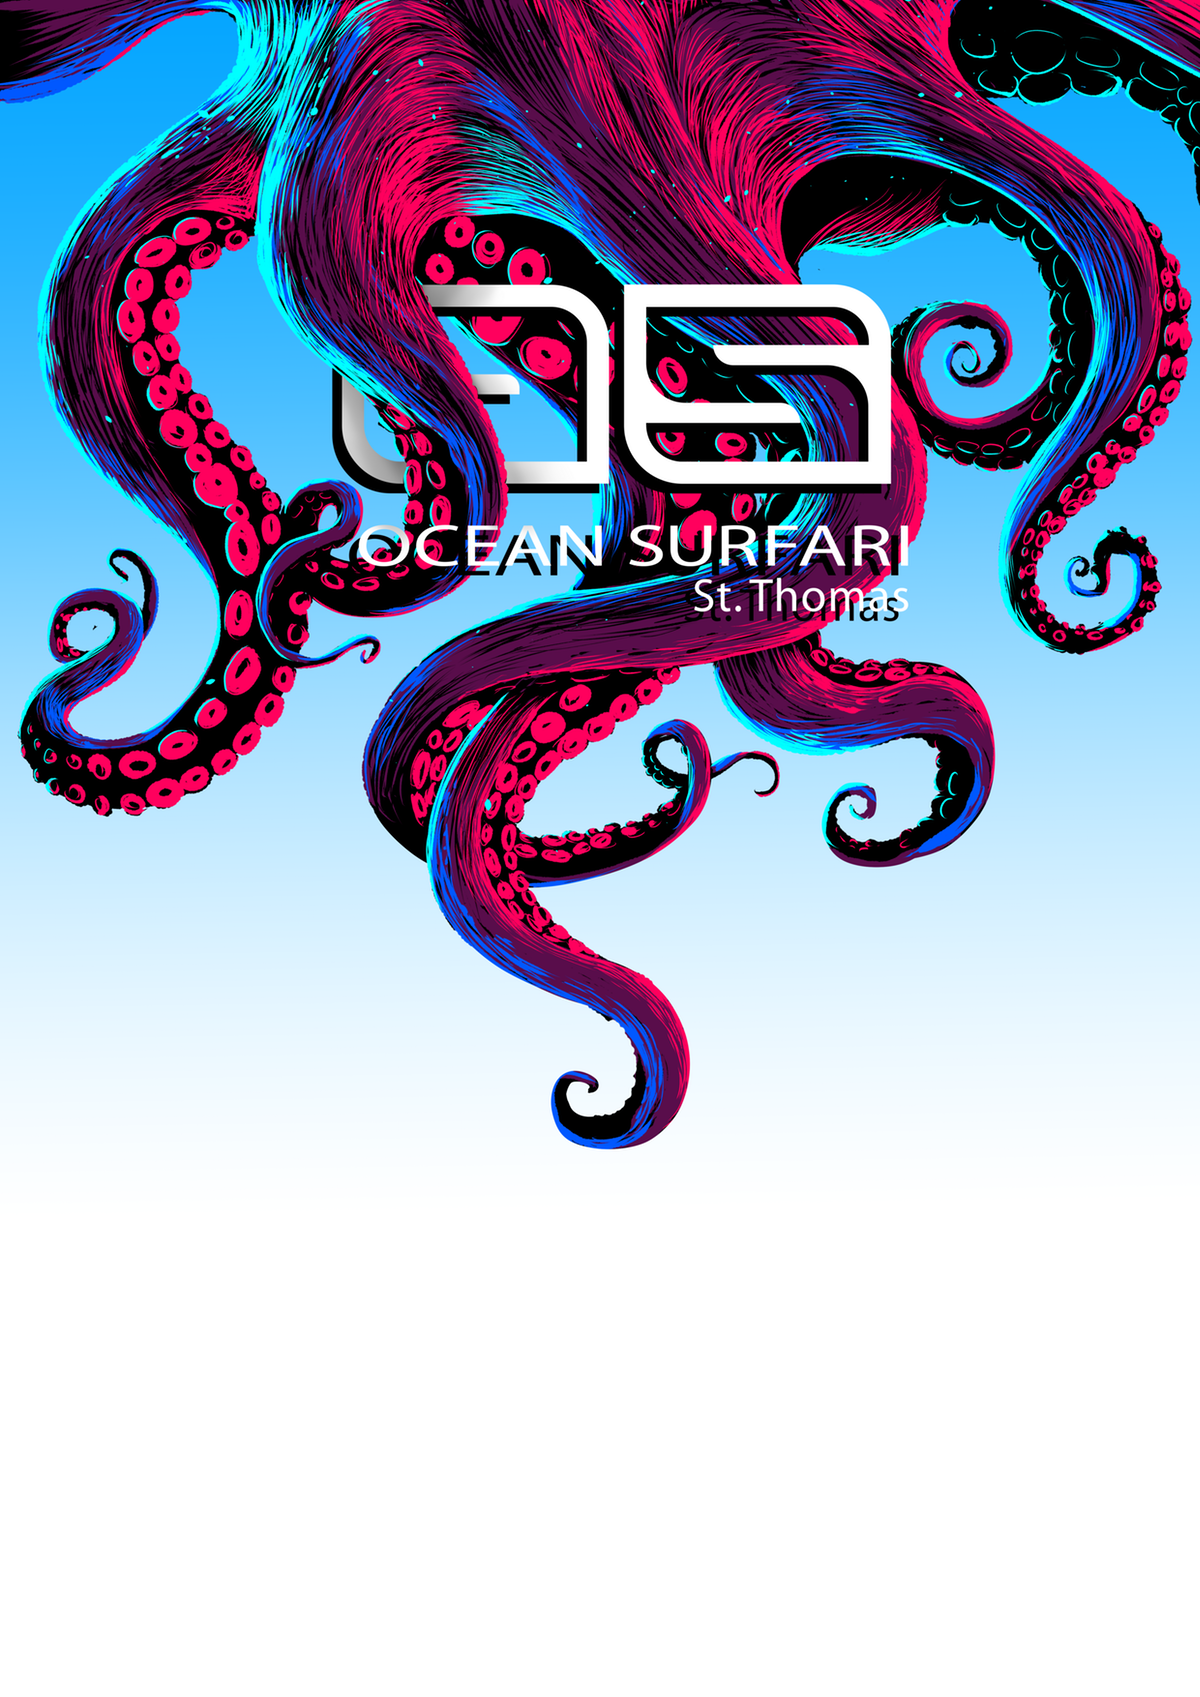 Best Octopus Shirt